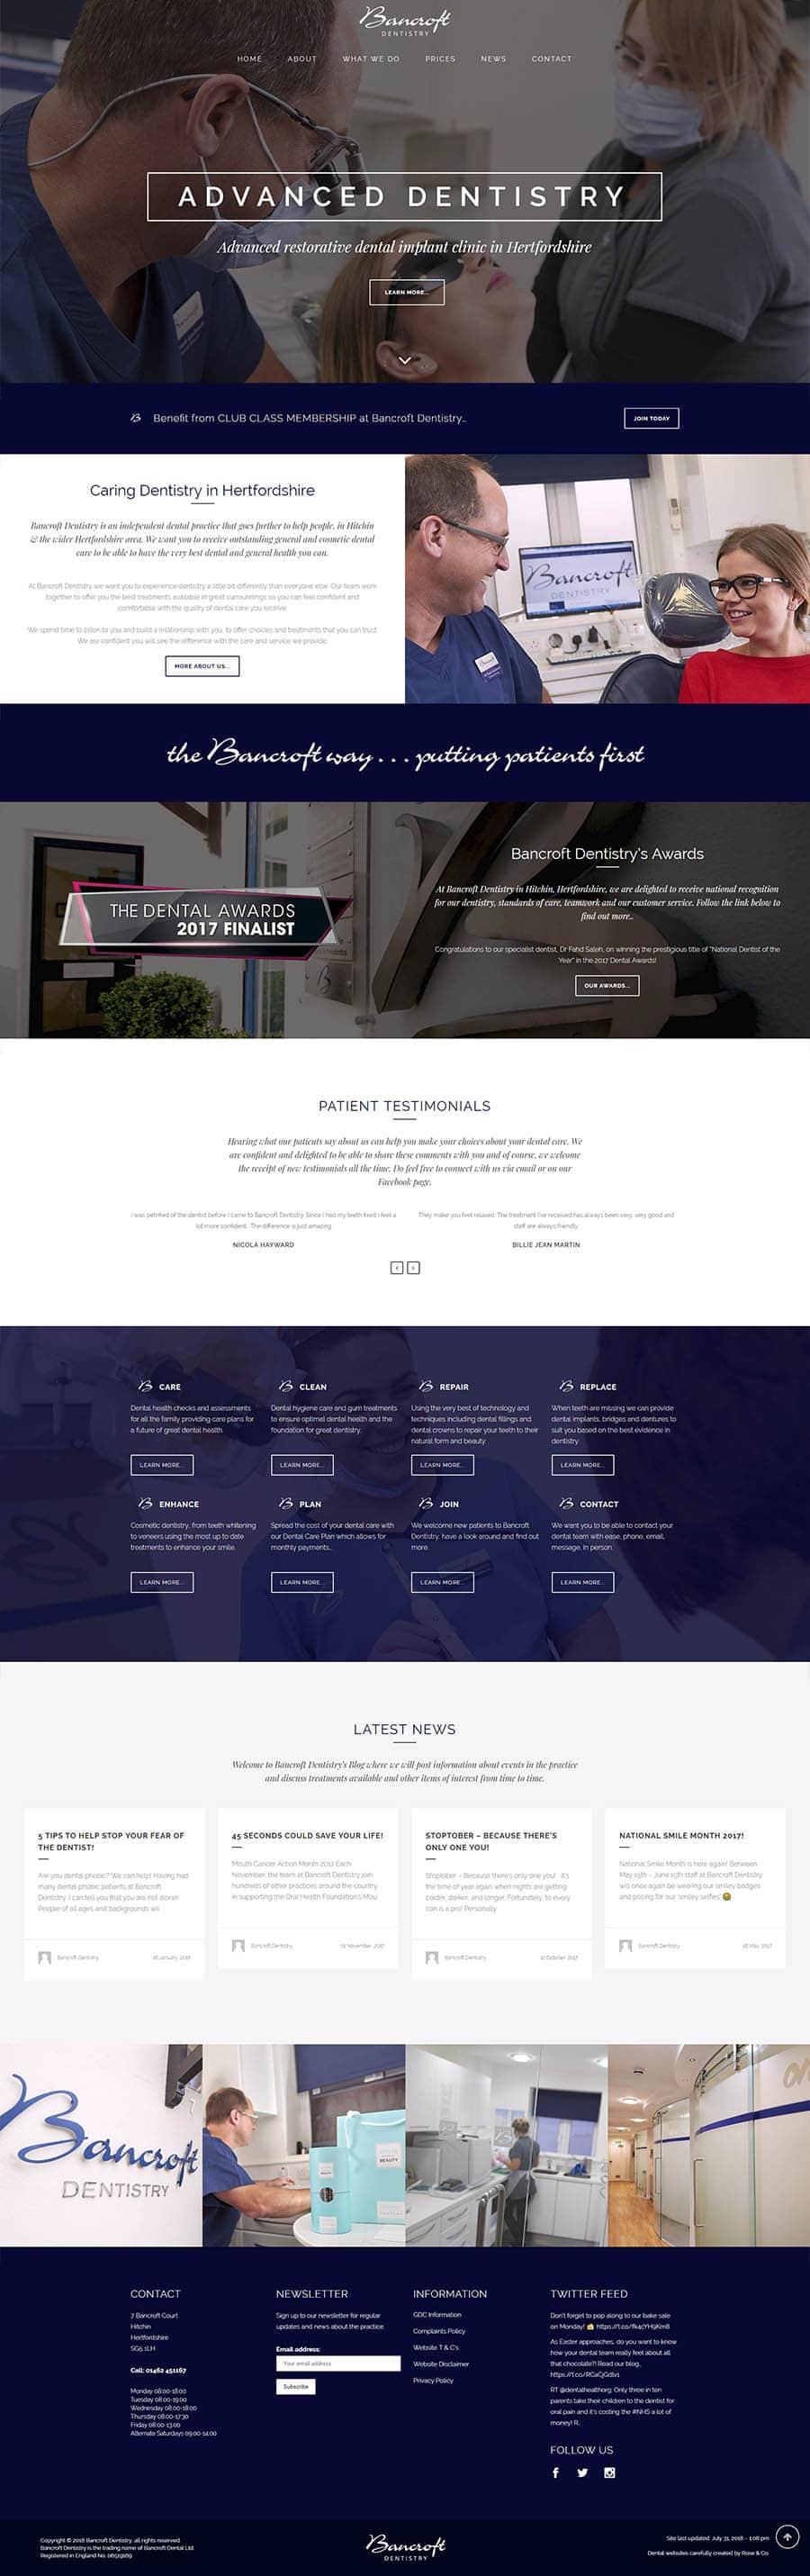 bancroft dentistry website design